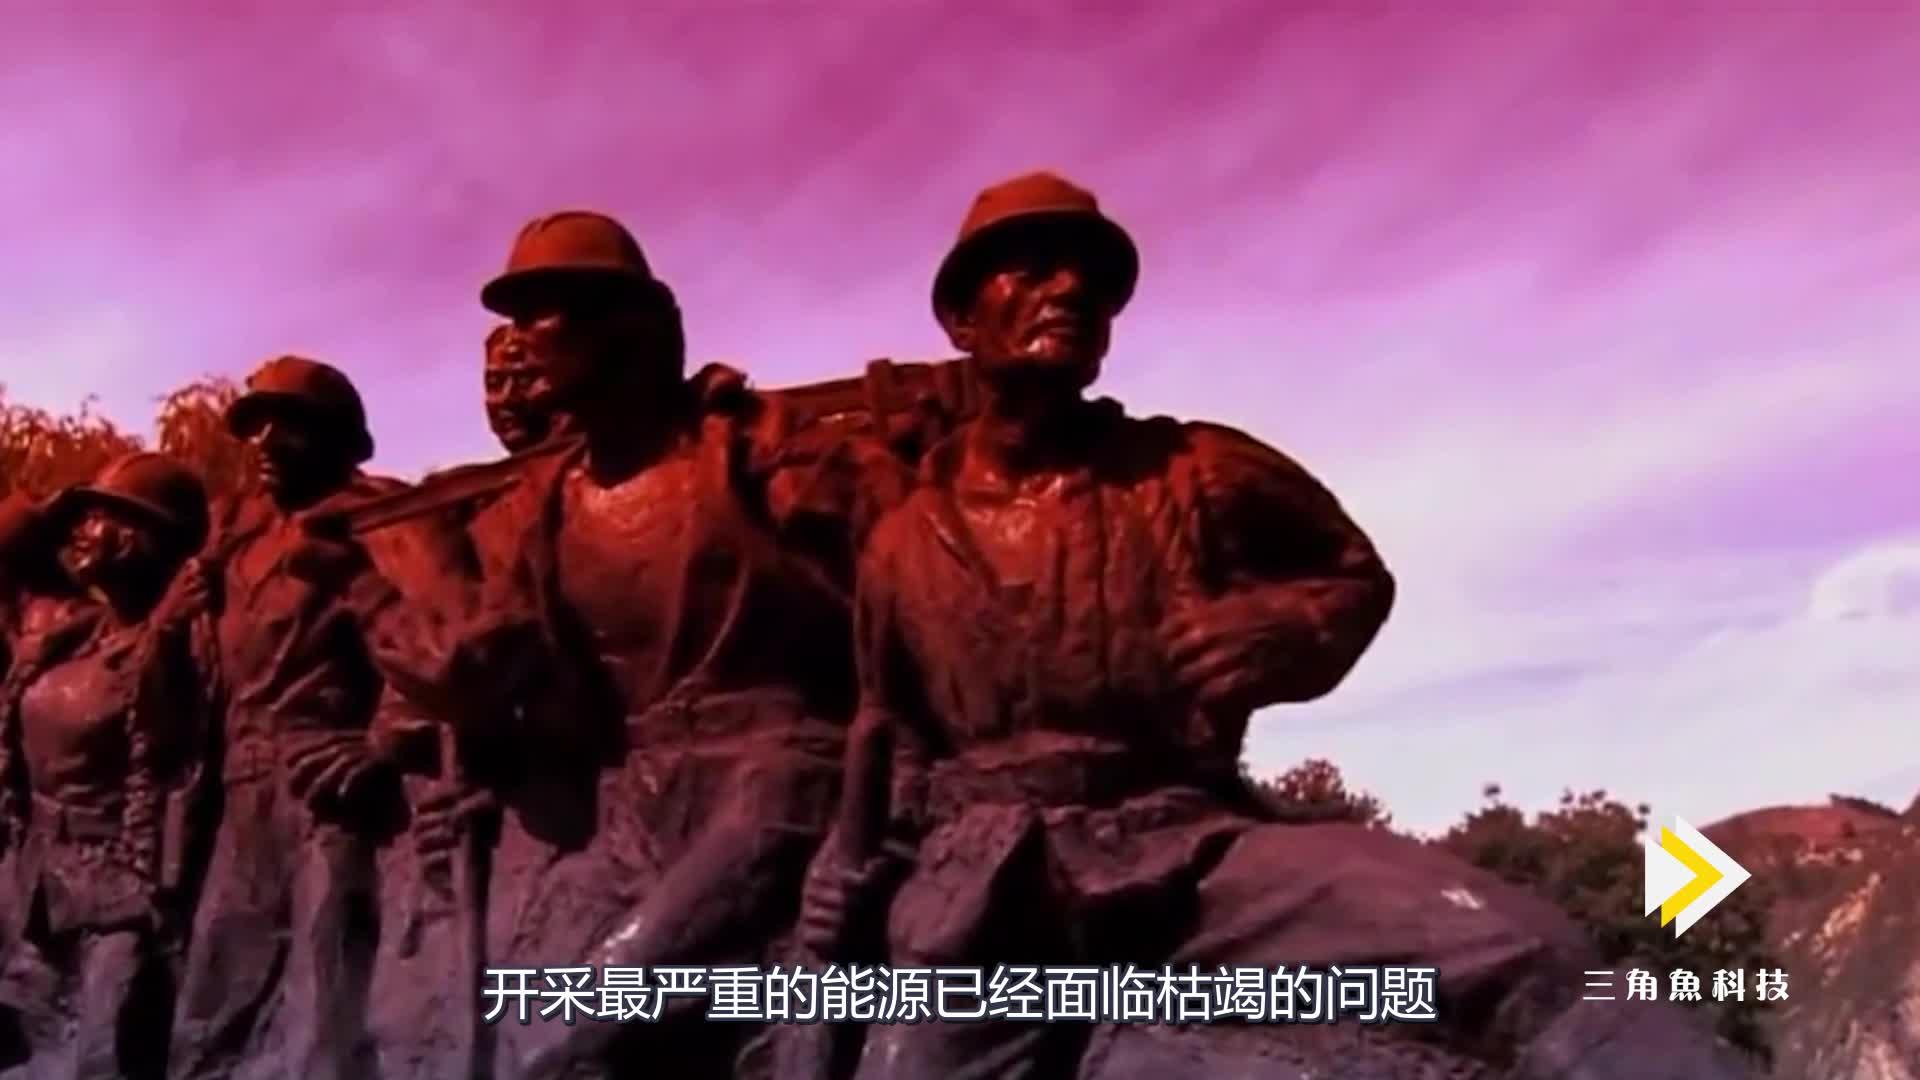 中国石油已过时,中国再造能源神话,够人类使用1000年